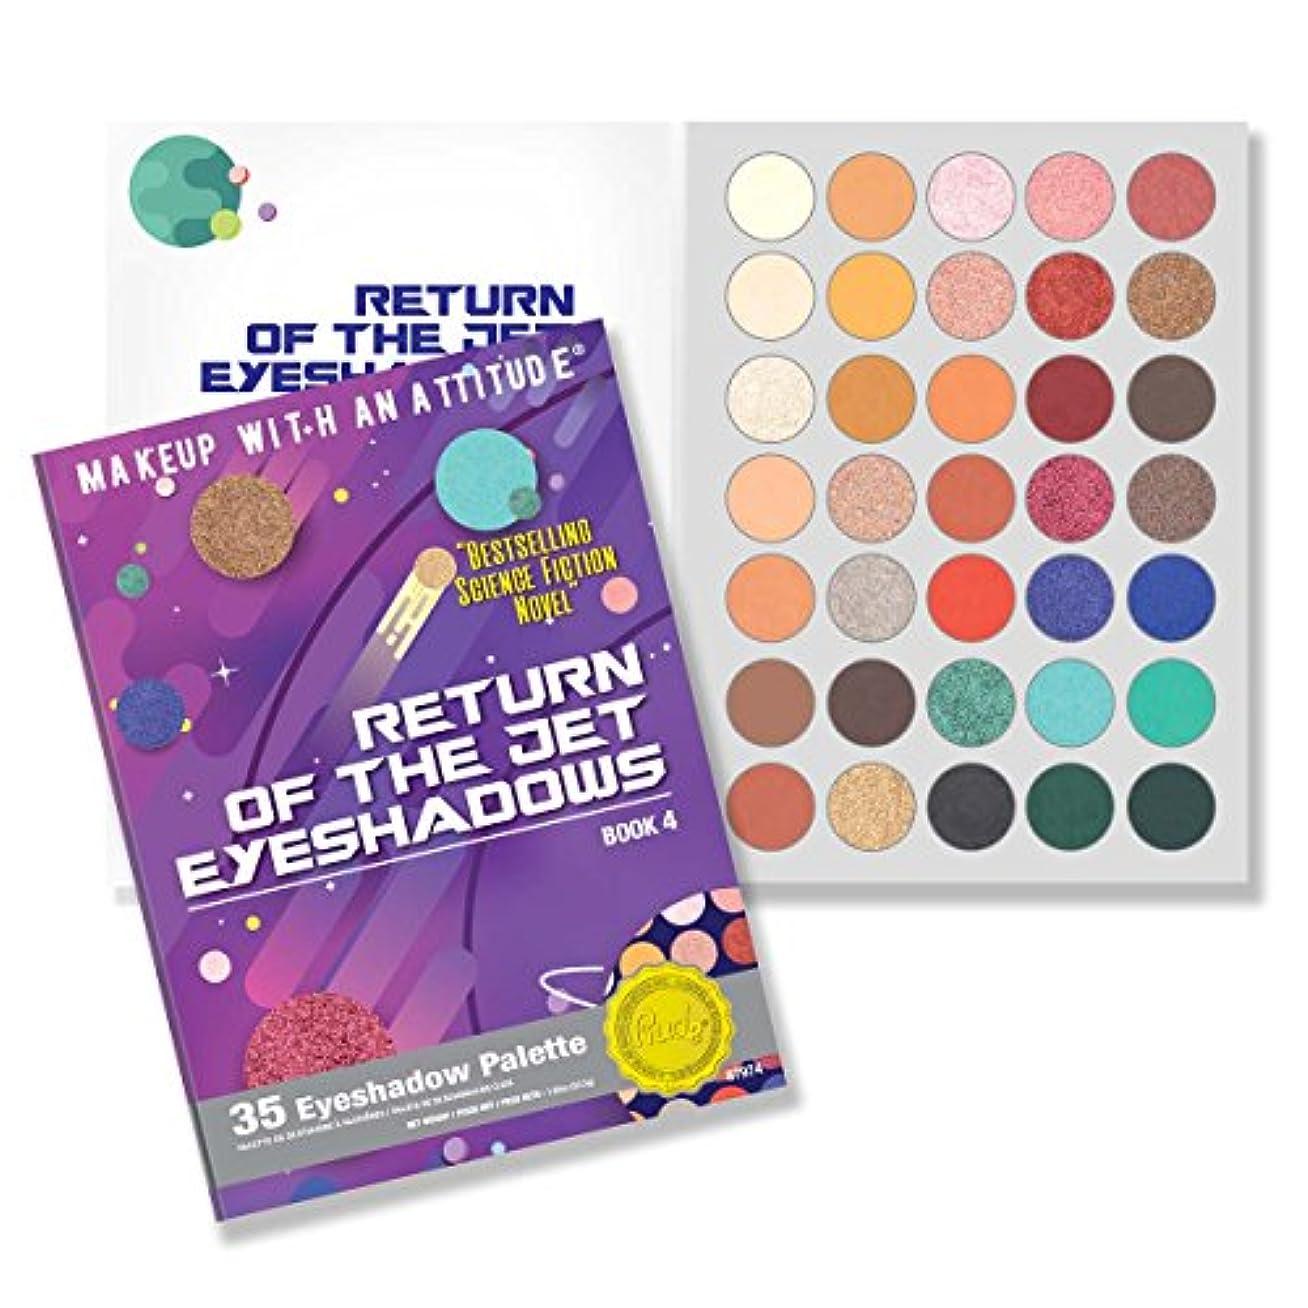 物思いにふける突き出す薄い(6 Pack) RUDE Return Of The Jet Eyeshadows 35 Eyeshadow Palette - Book 4 (並行輸入品)